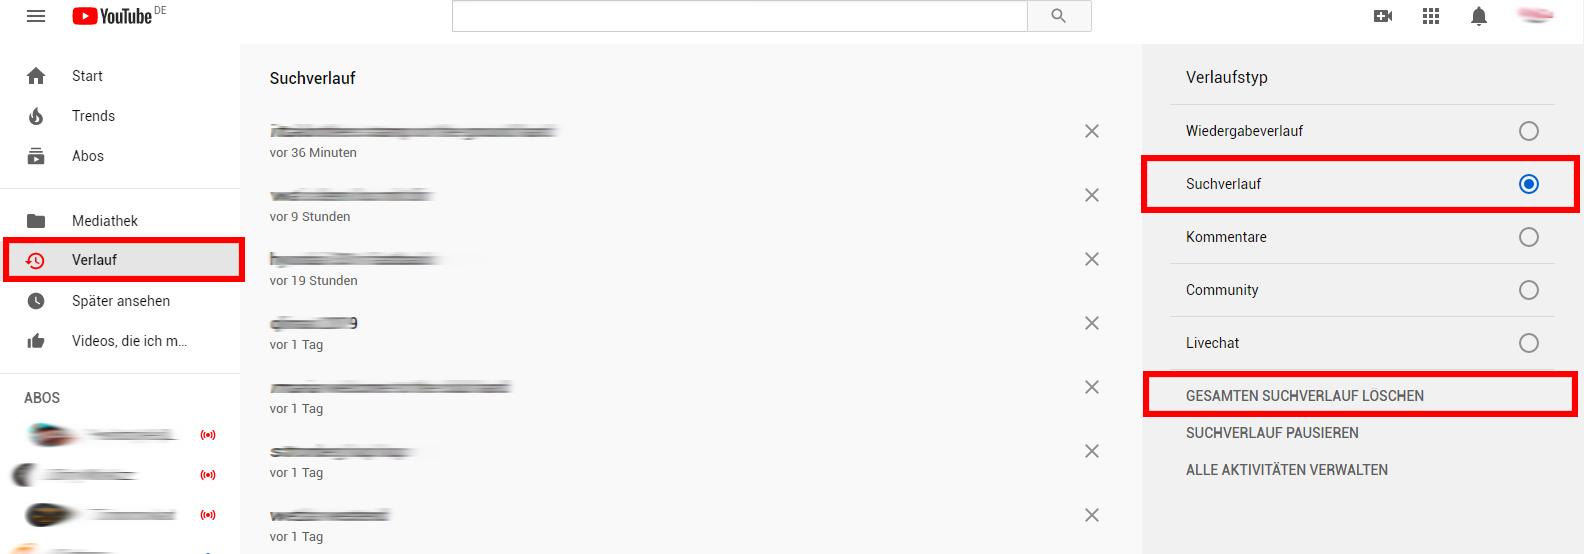 youtube-suchverlauf-loeschen-desktop